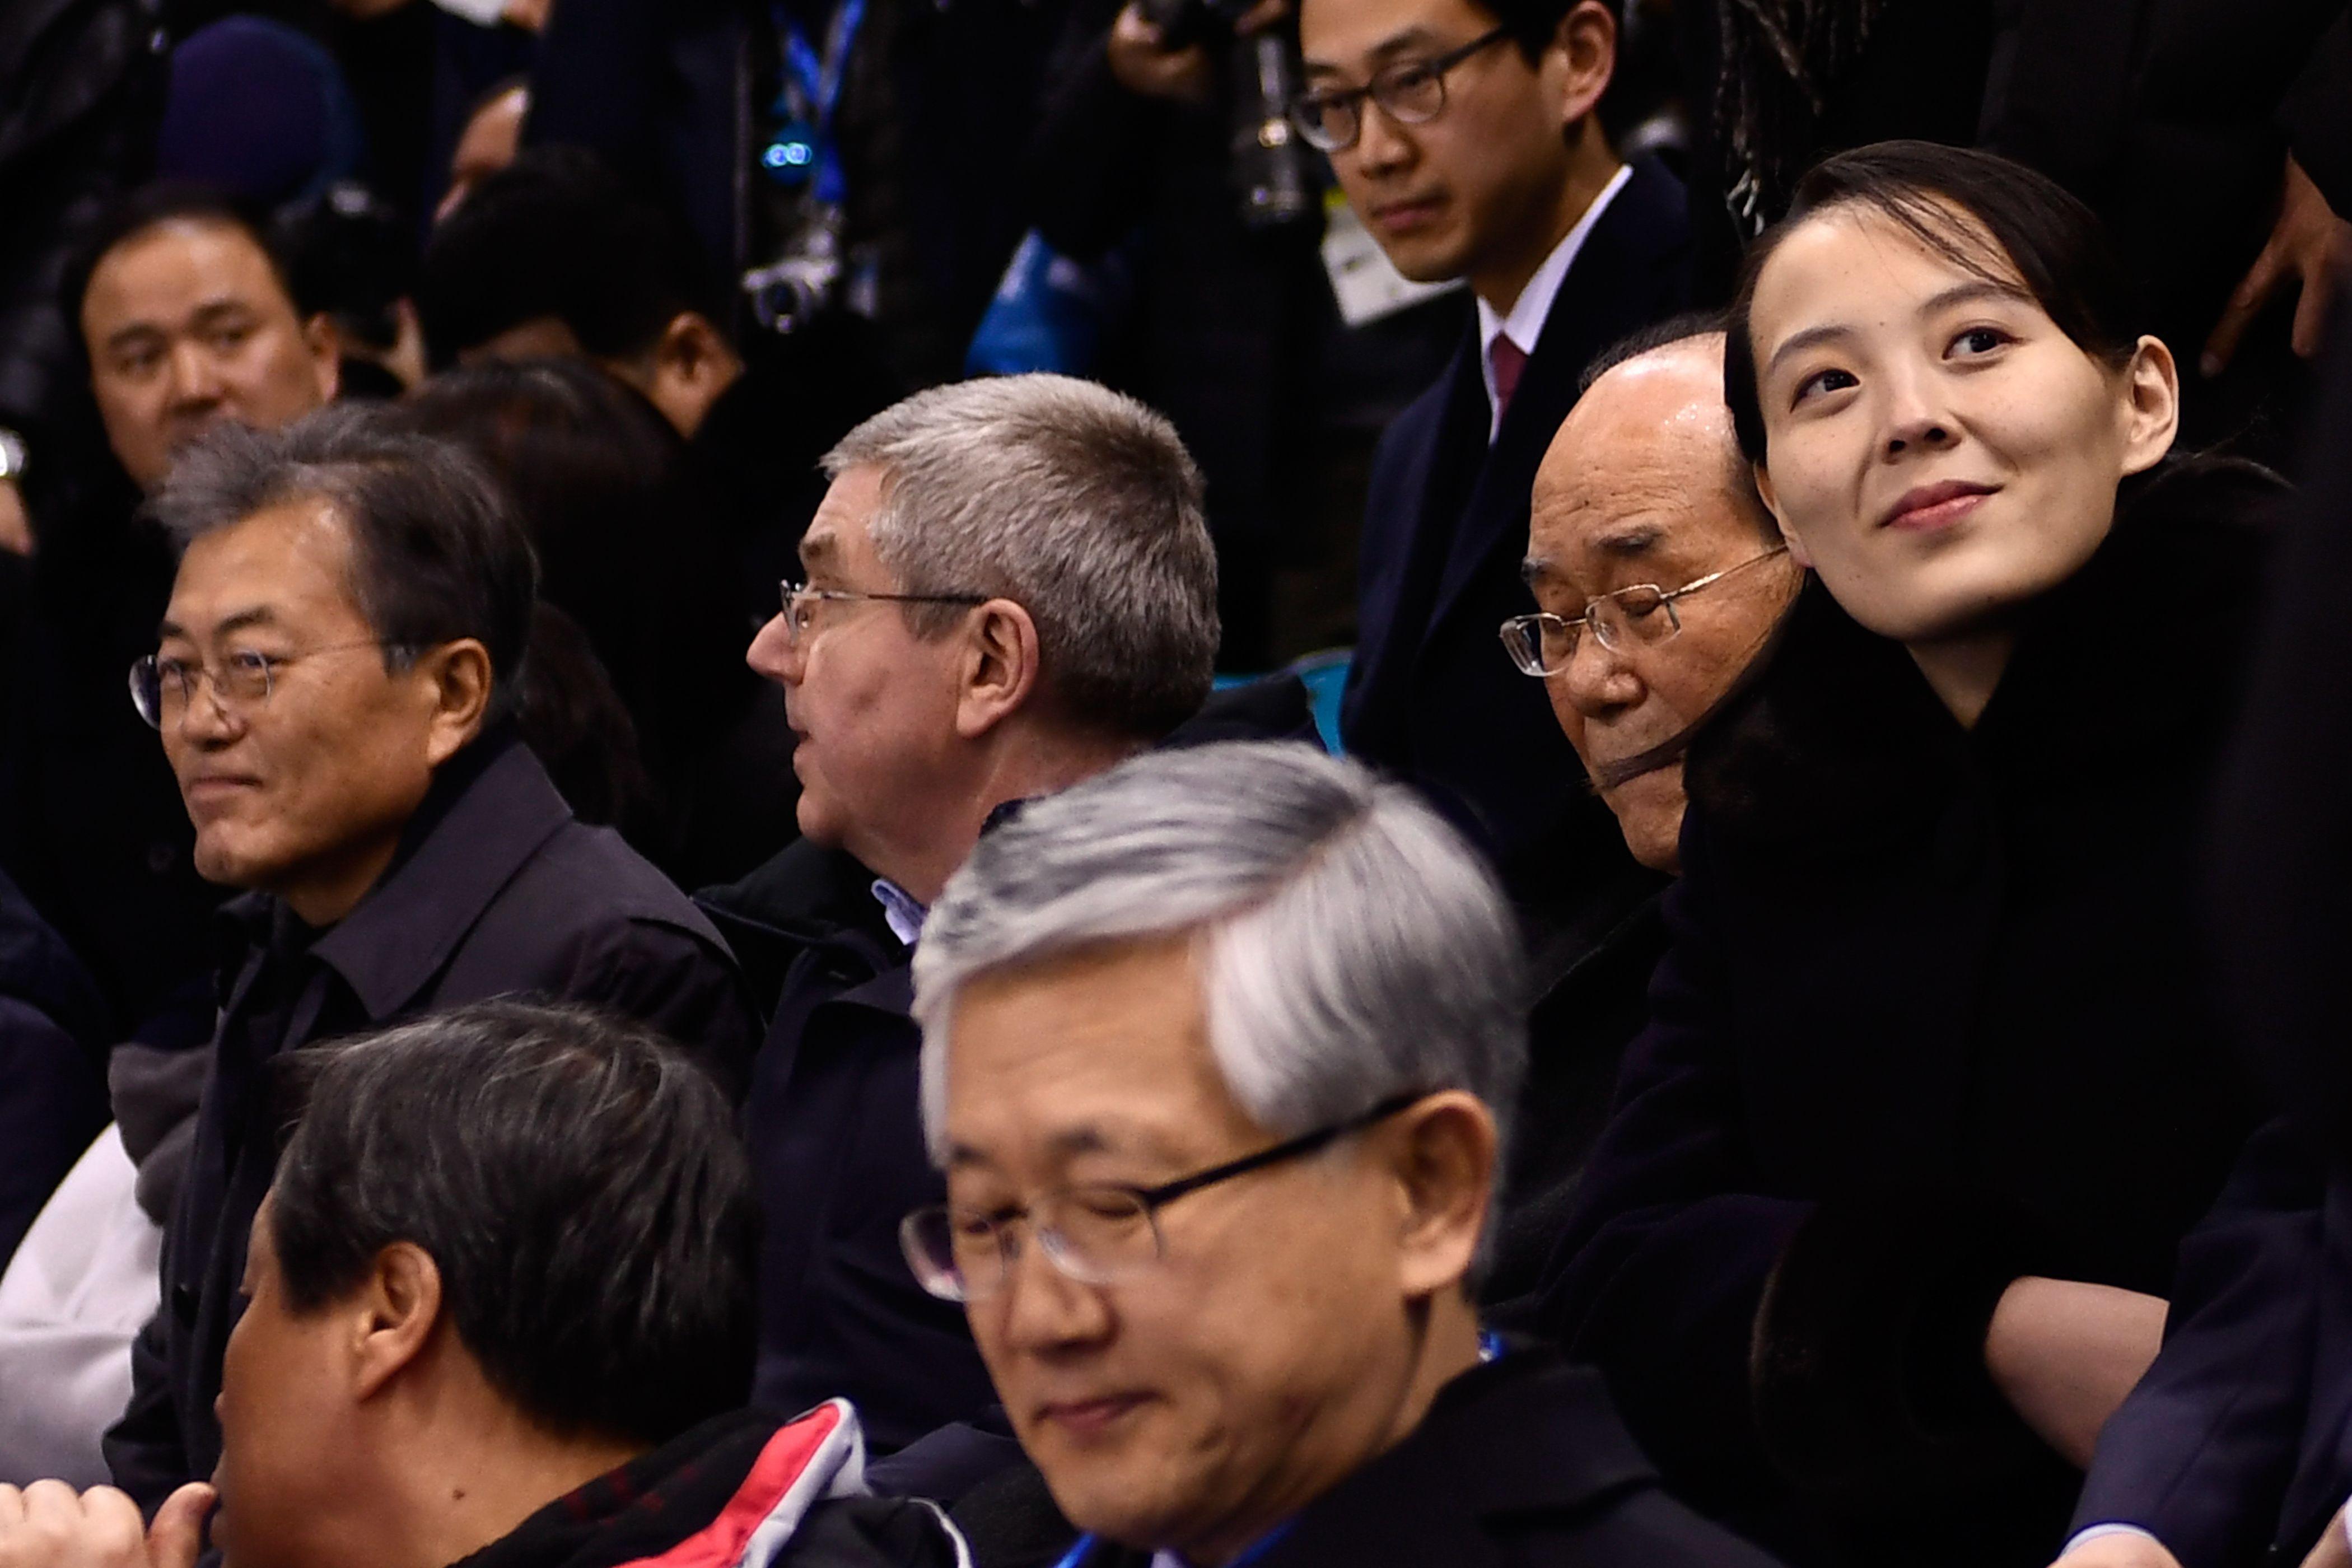 Kim Yo-jong - sister of Kim Jong-un - sits next to South Korean President Moon Jae-in